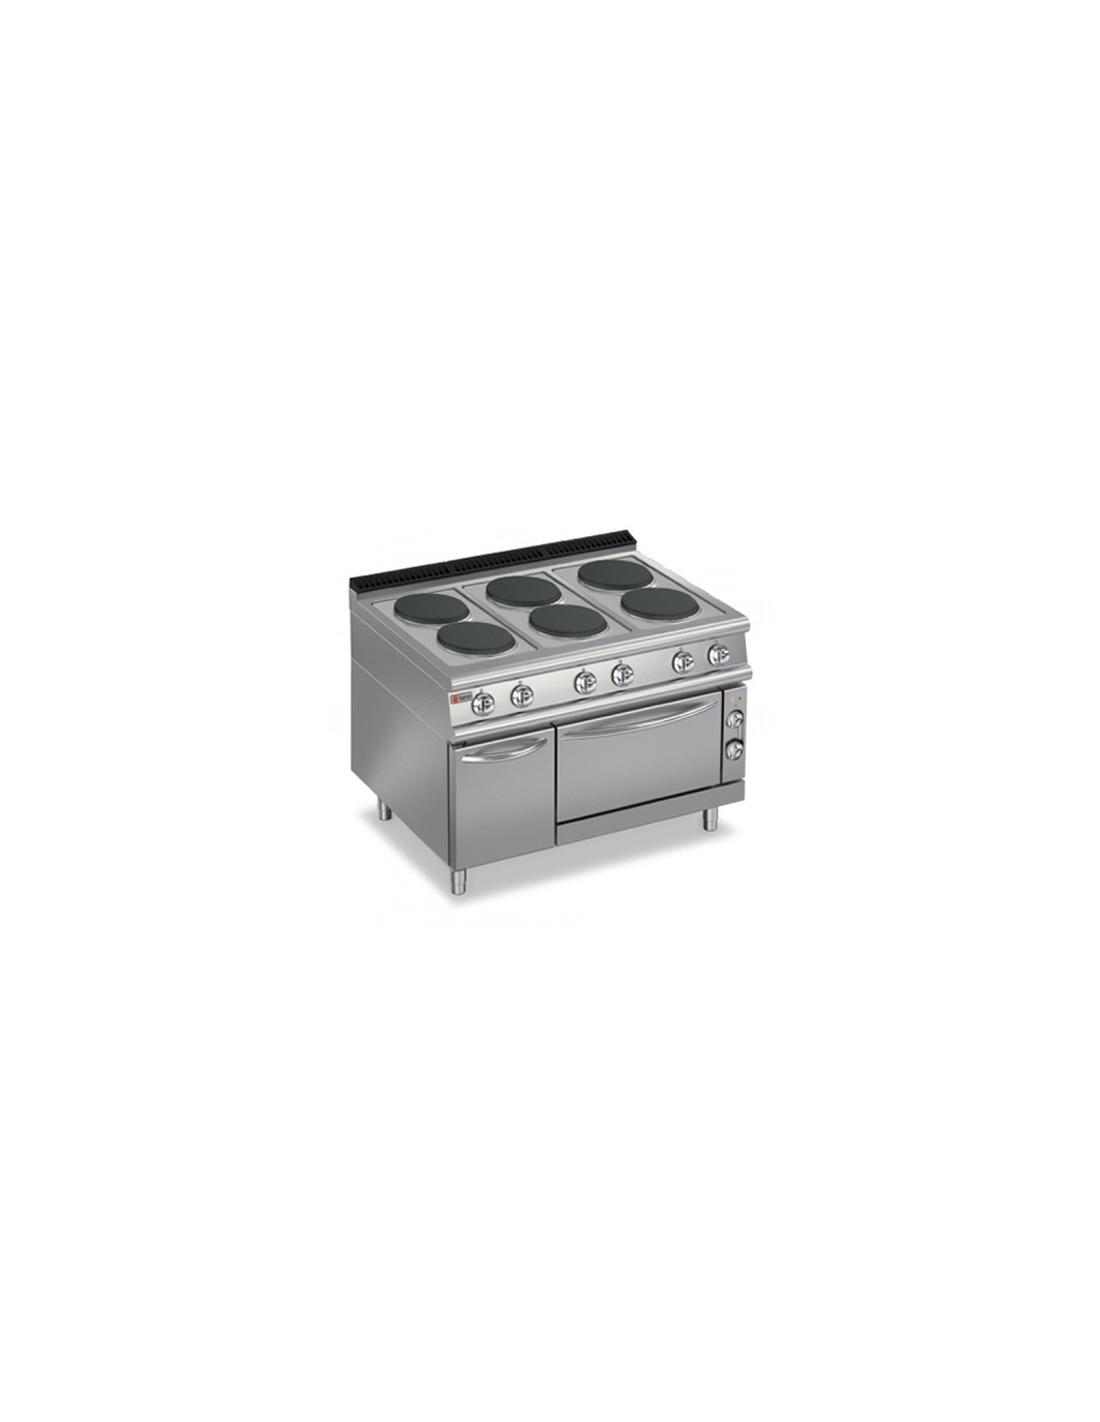 Cocina industrial el ctrica con horno - Cocina con horno ...